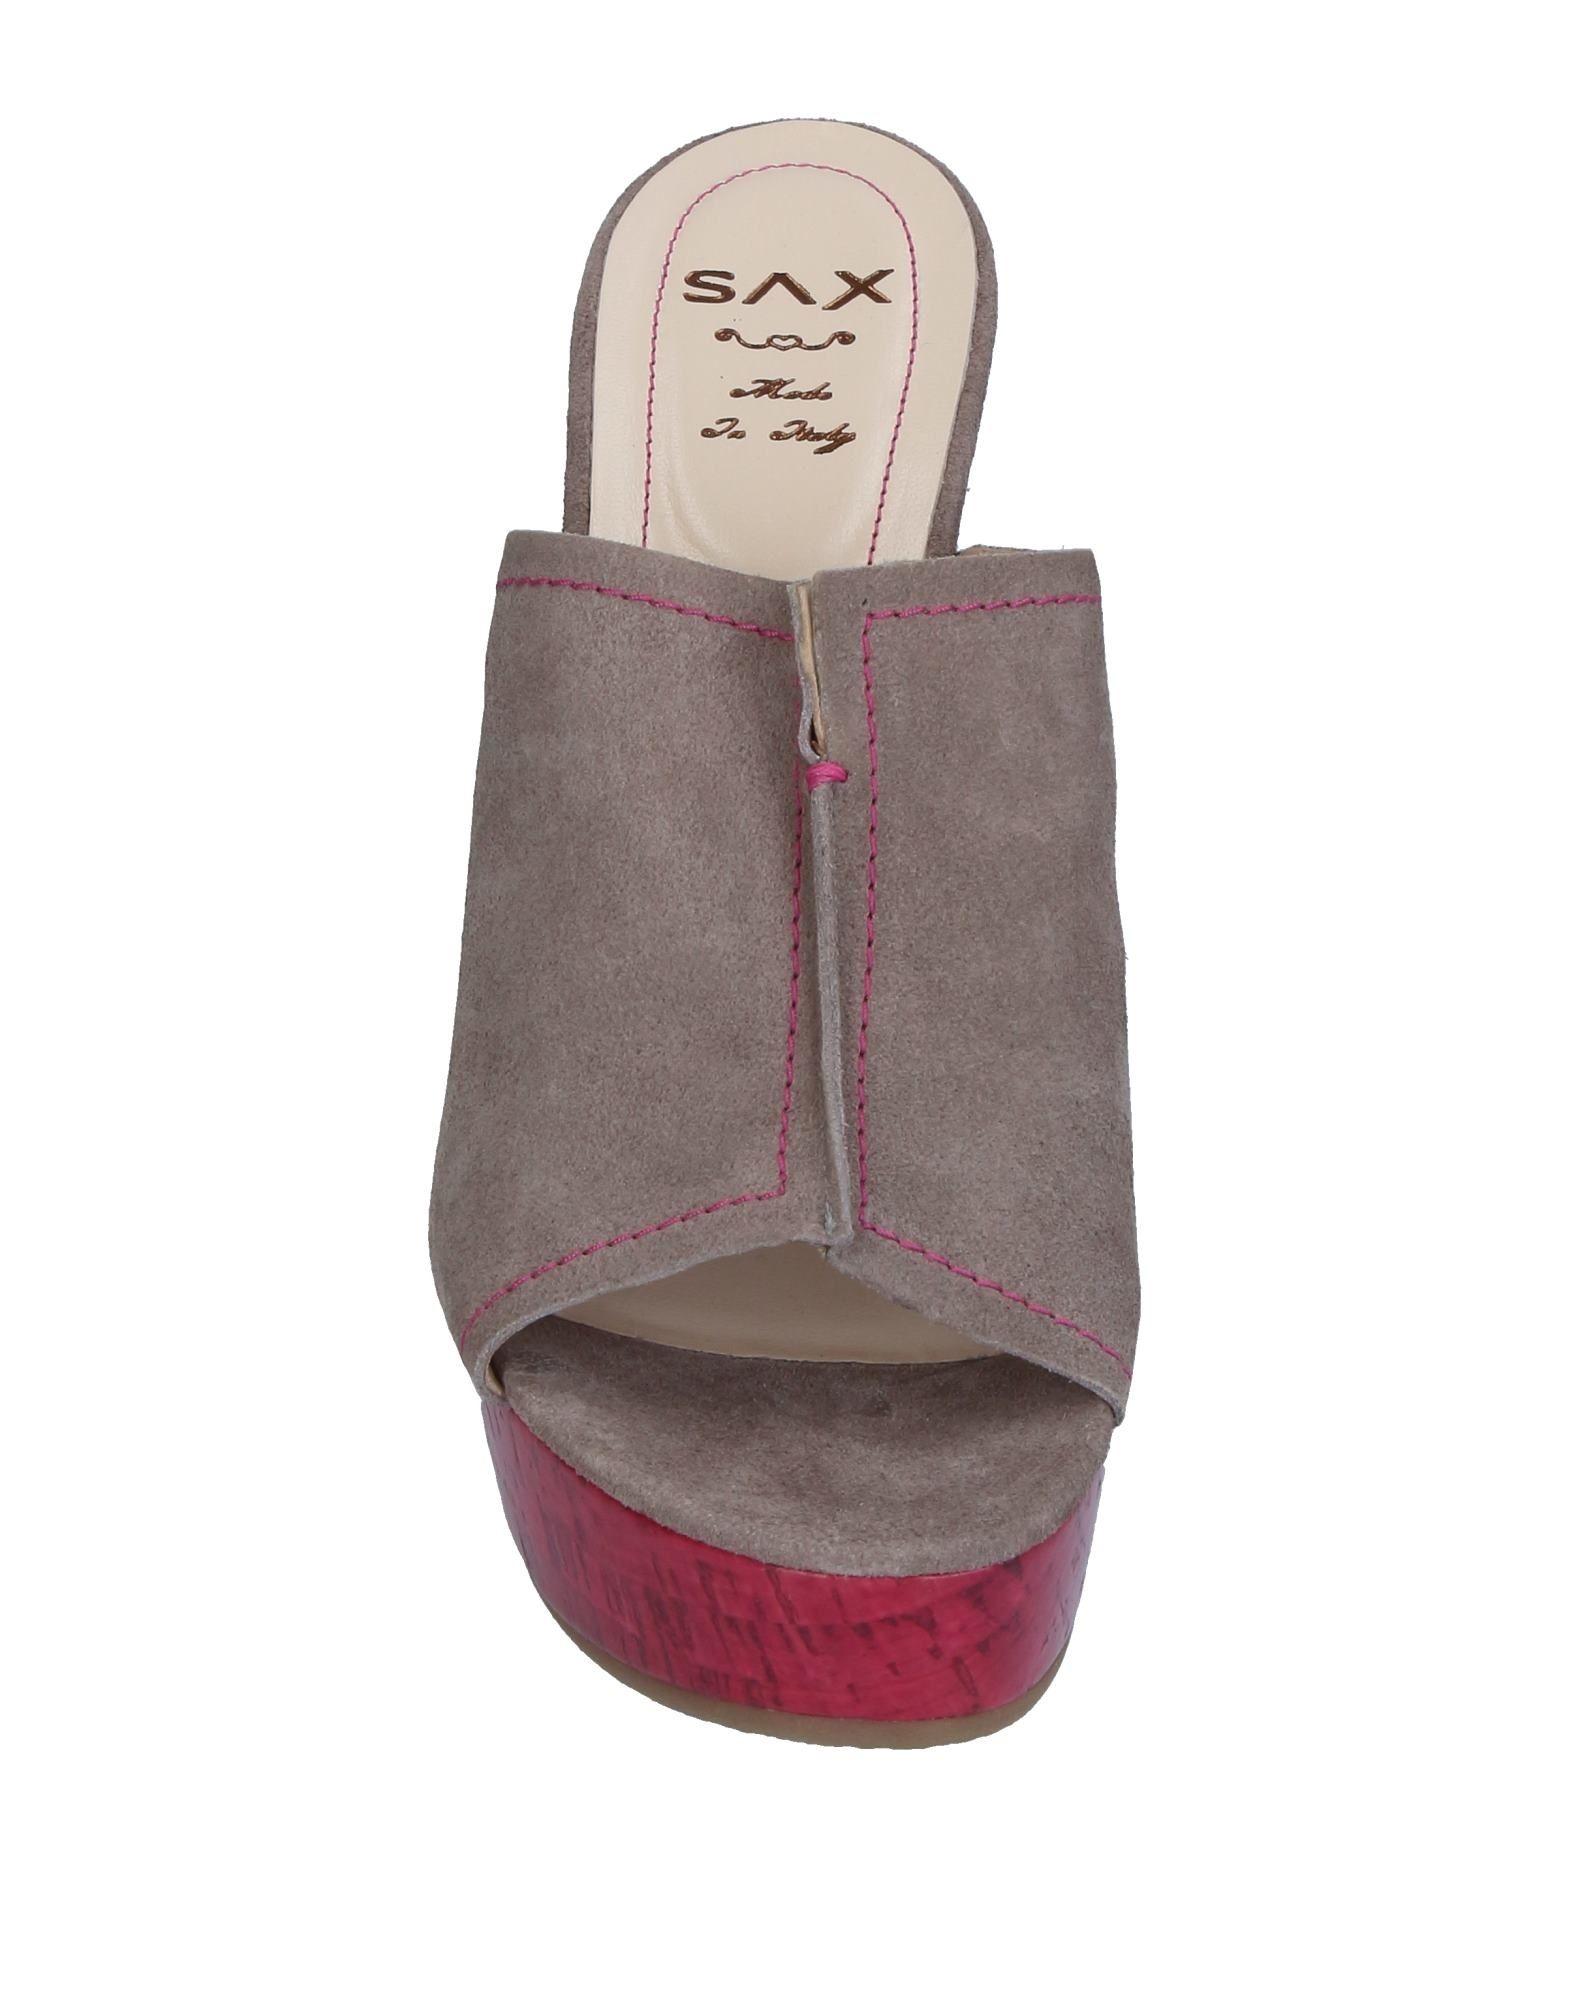 Sandales Sax Femme - Sandales Sax sur